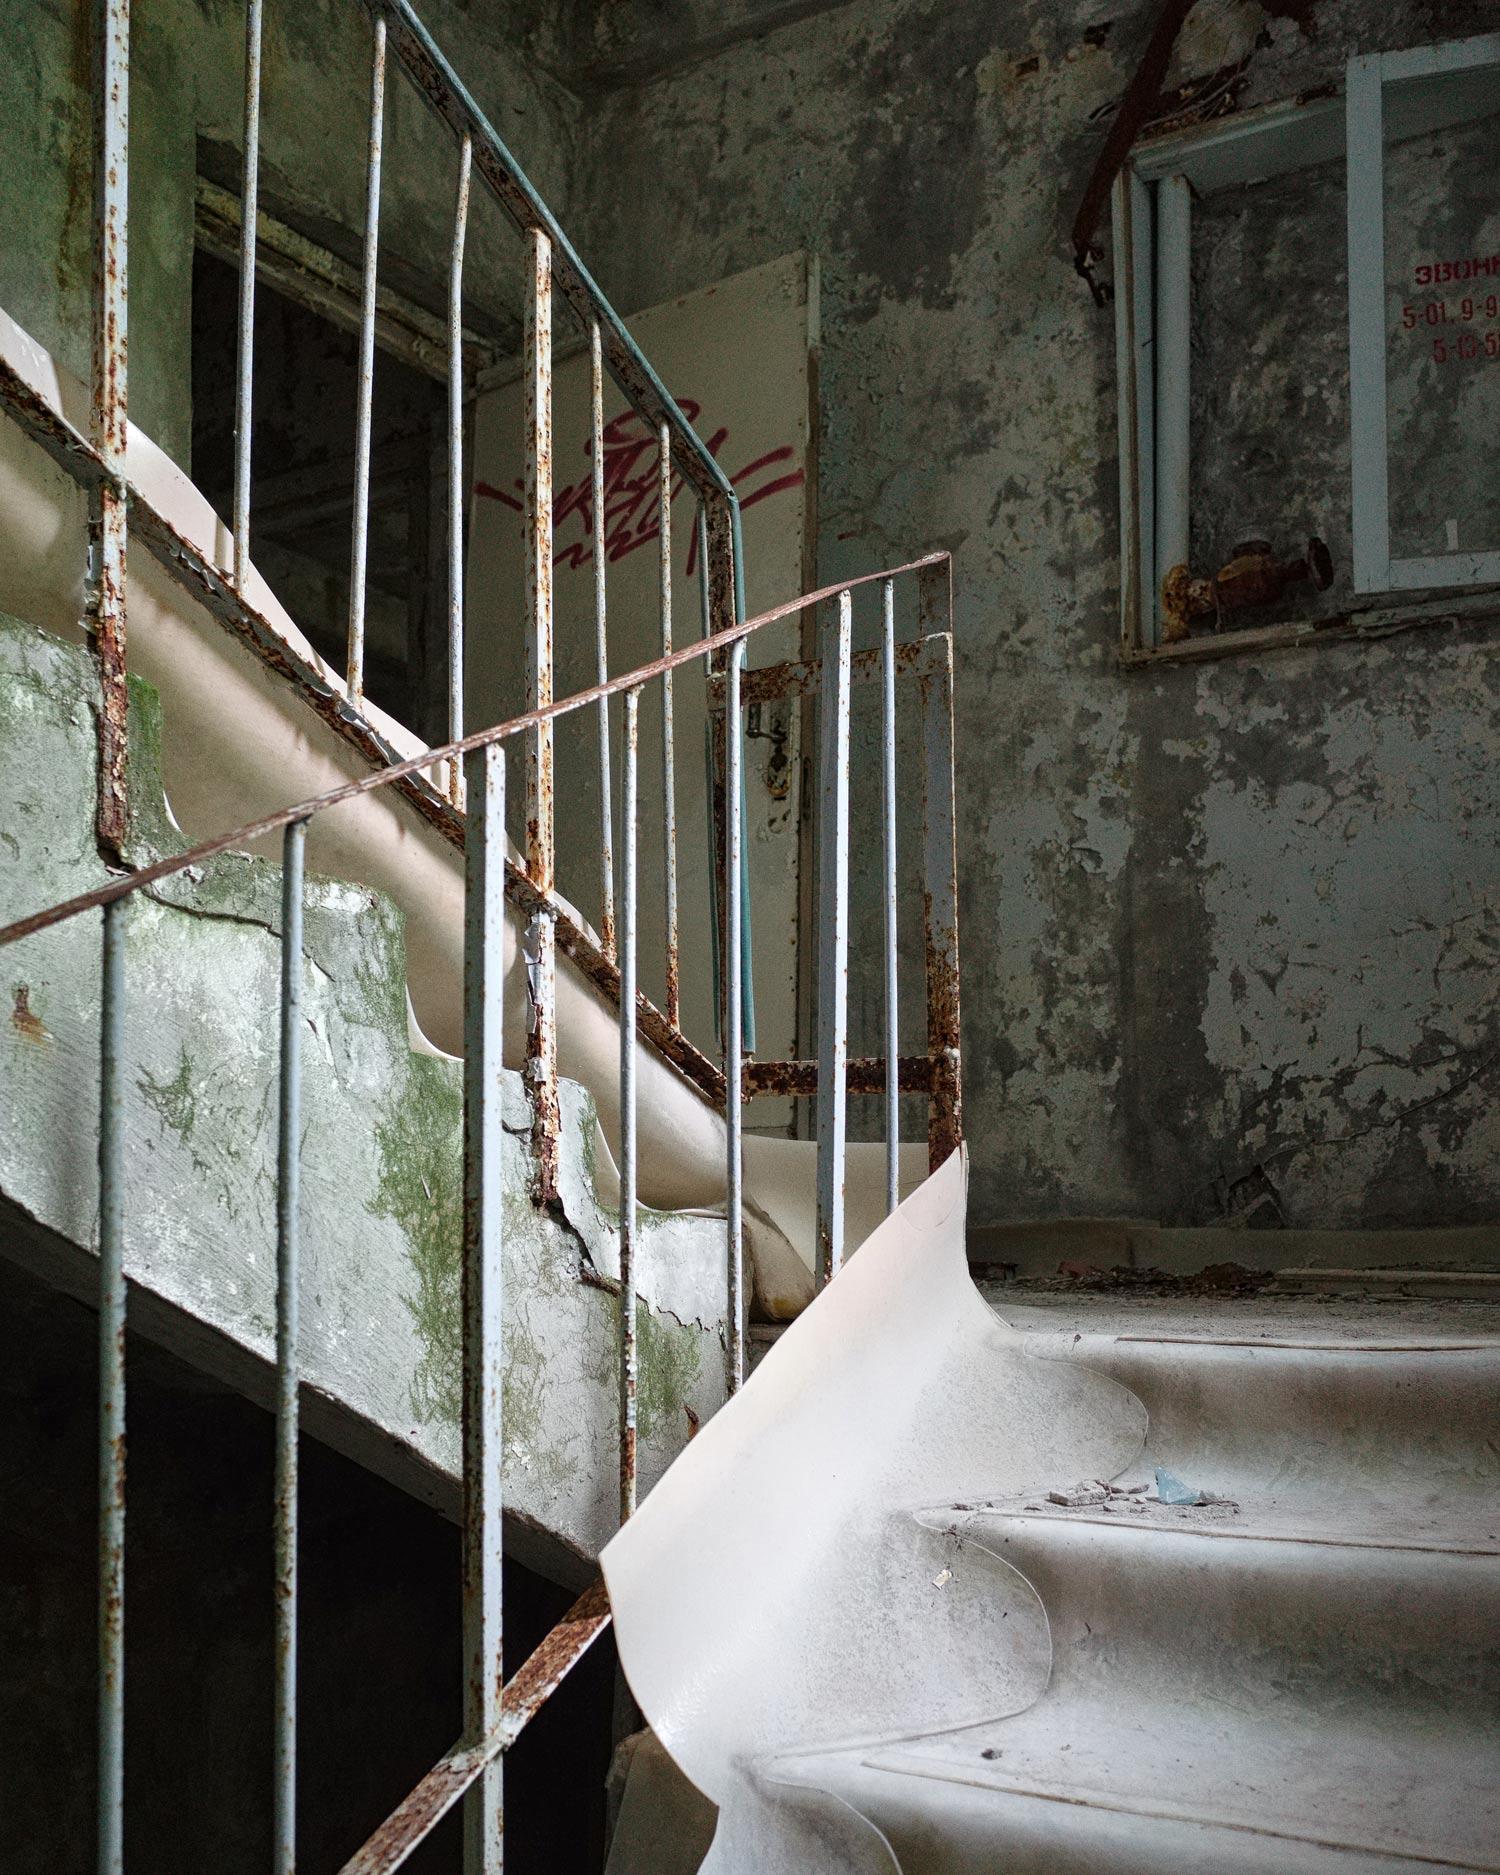 080_chernobyl_LazurnyPool_w.jpg